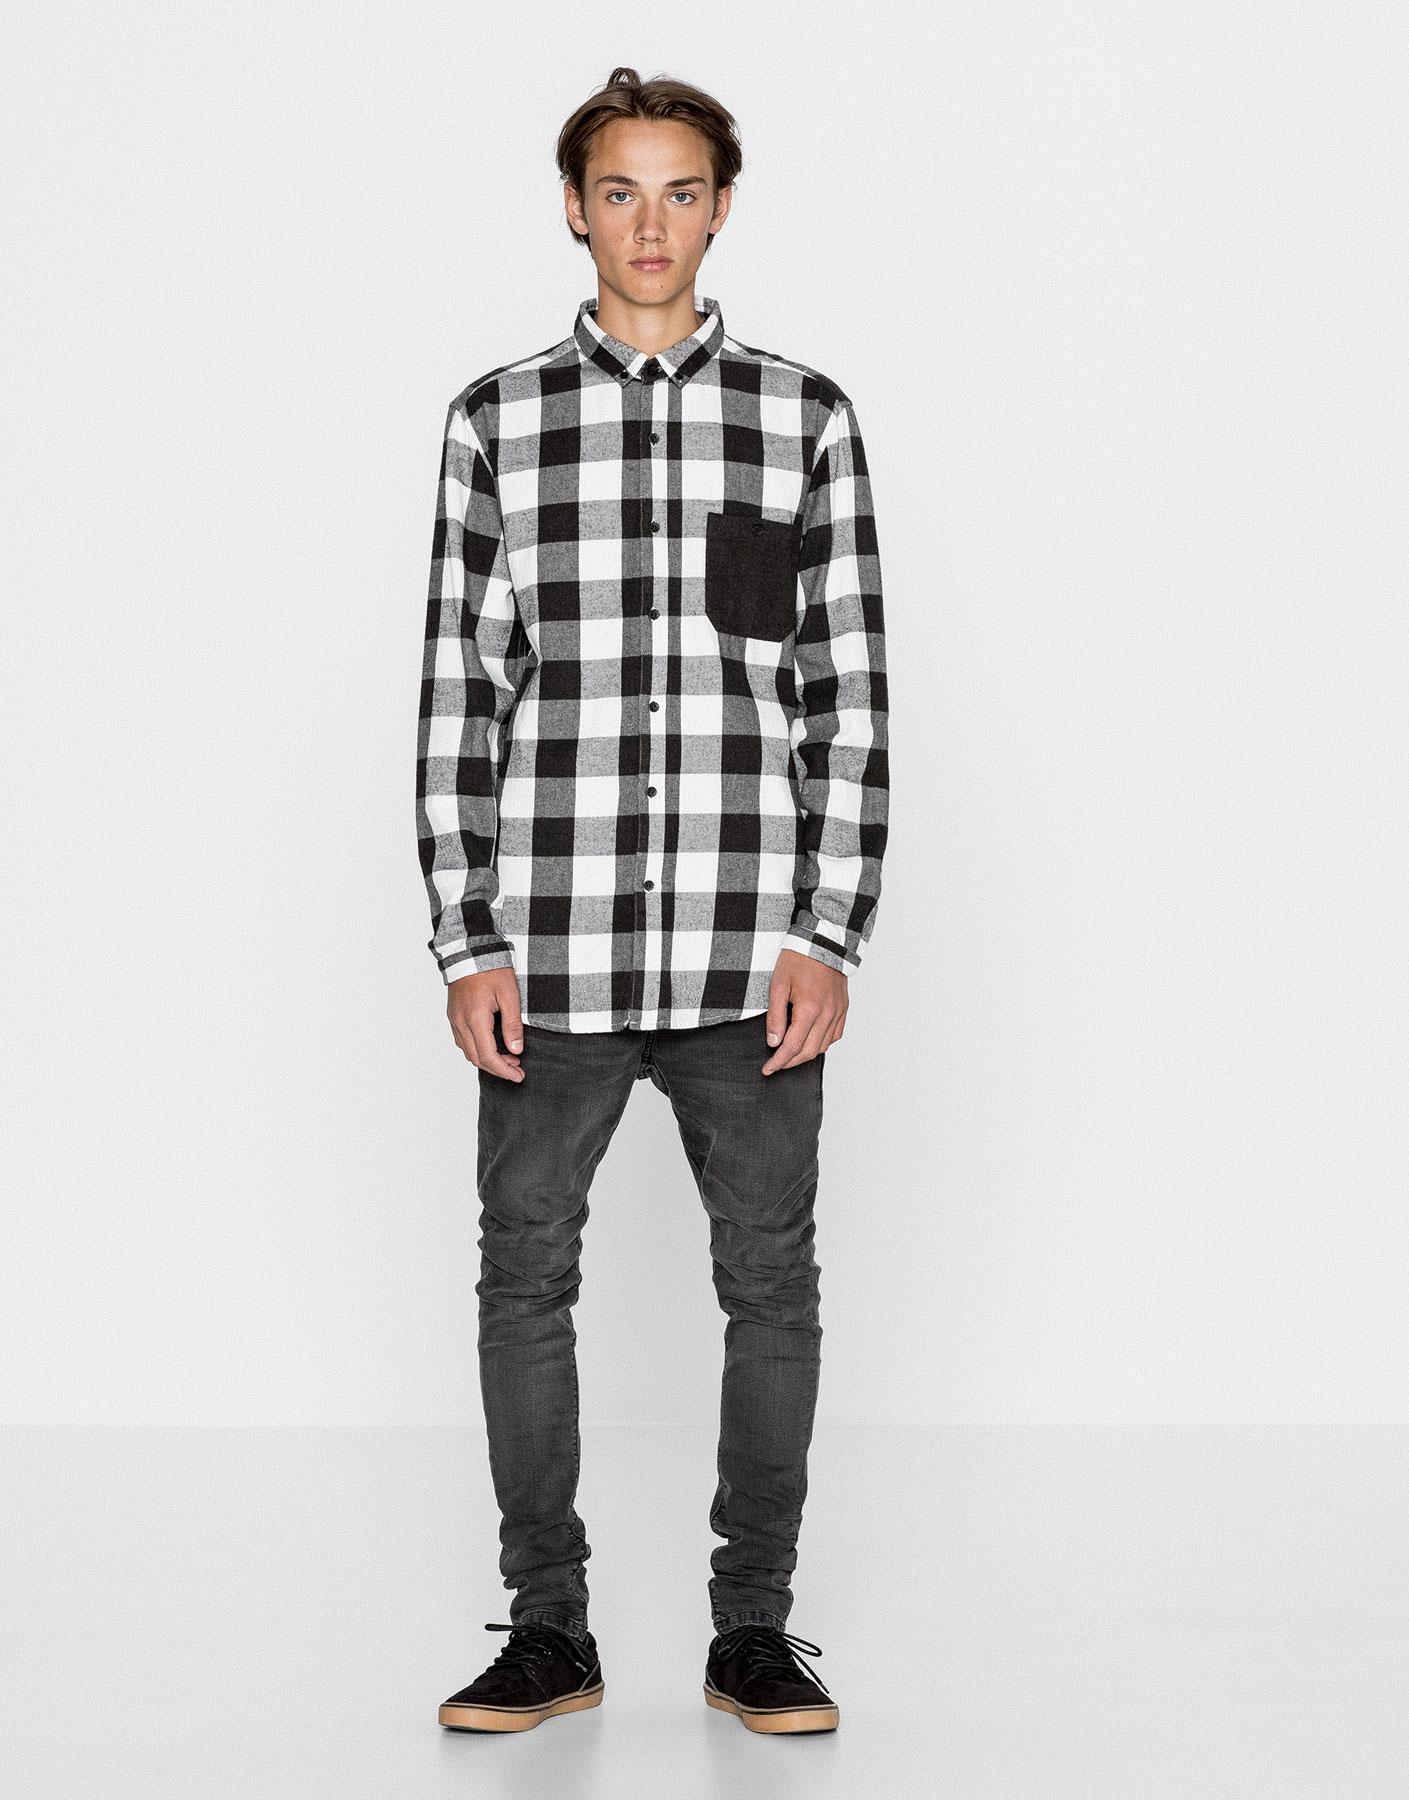 Camisa franel·la quadre escaquer